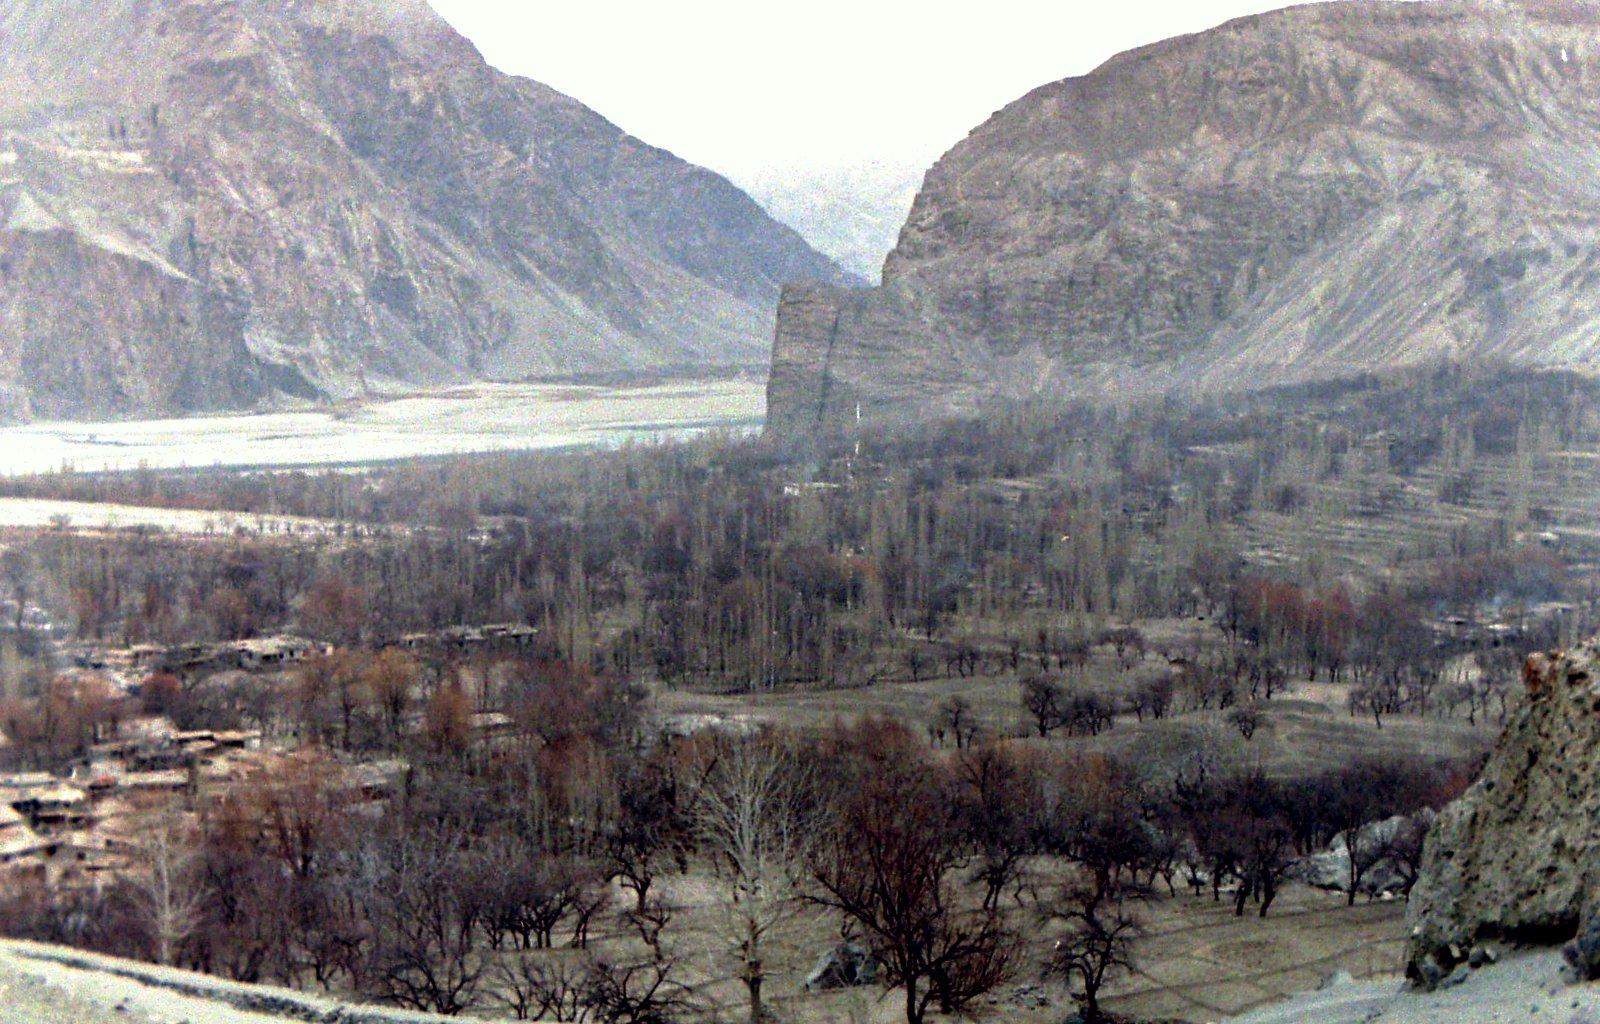 Winter View of Khaplu, Baltistan, Dec.1987